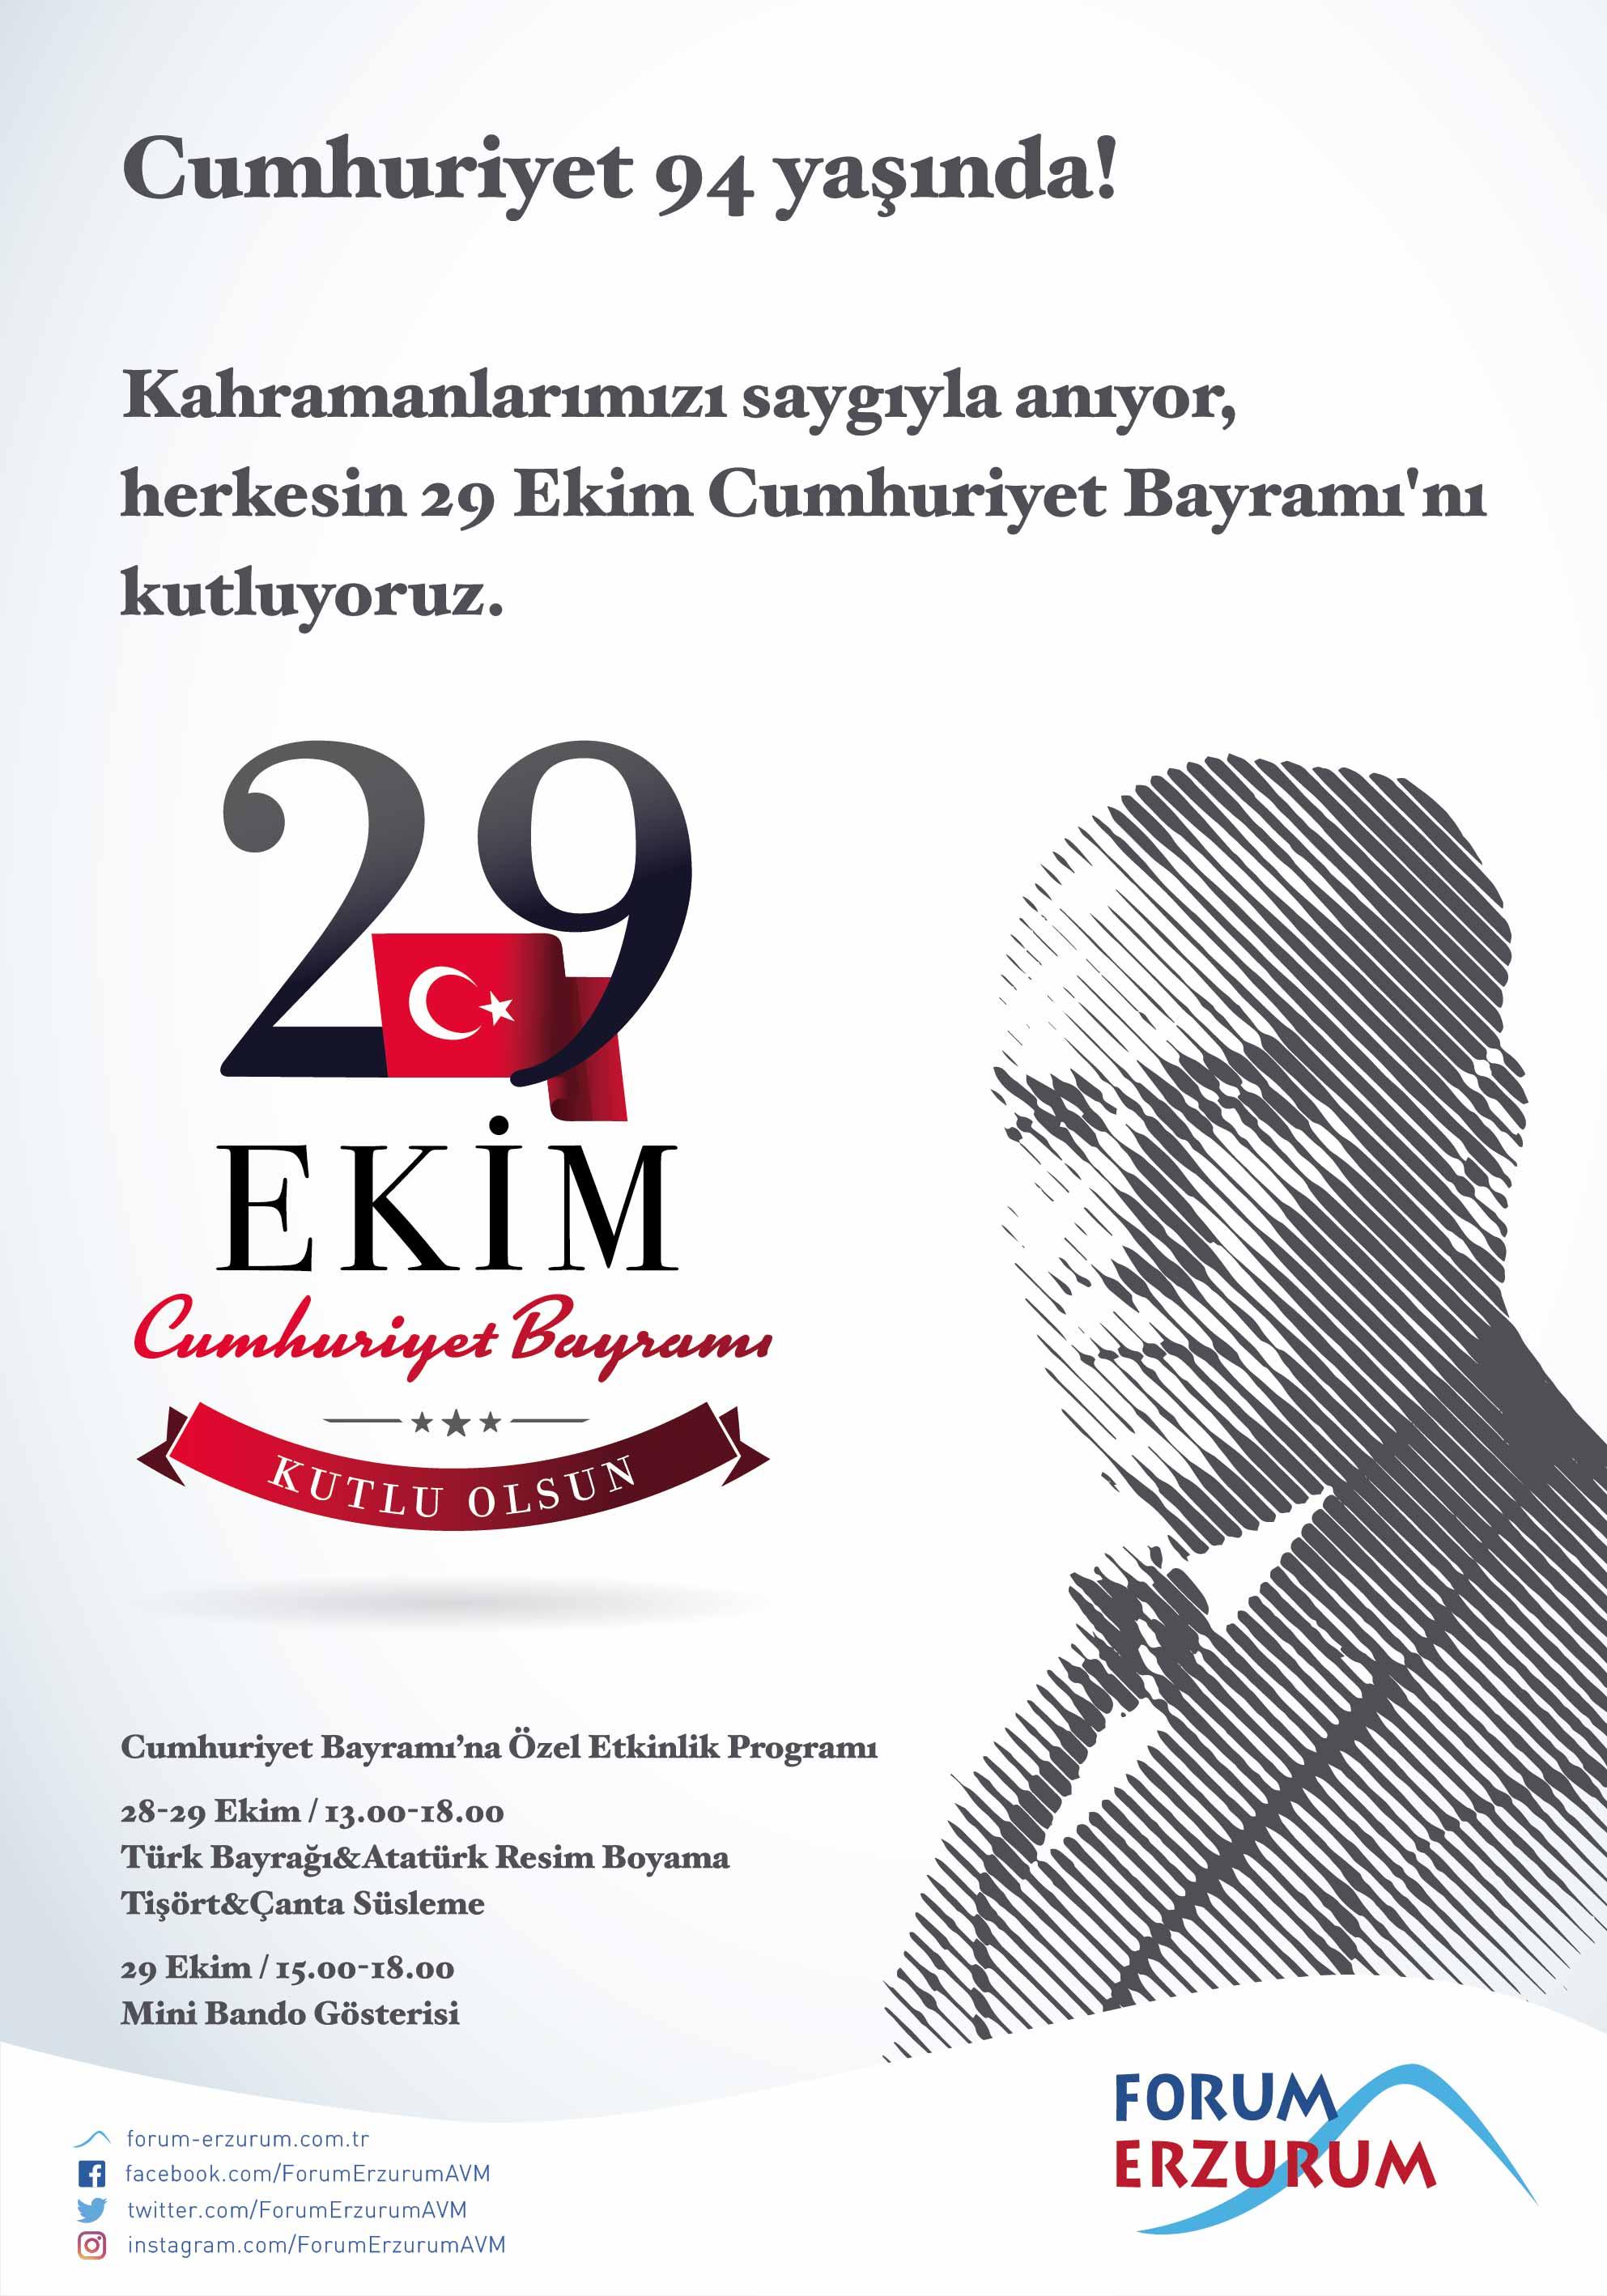 Tüm çocuklar 29 Ekimde Forum Erzuruma Davetli